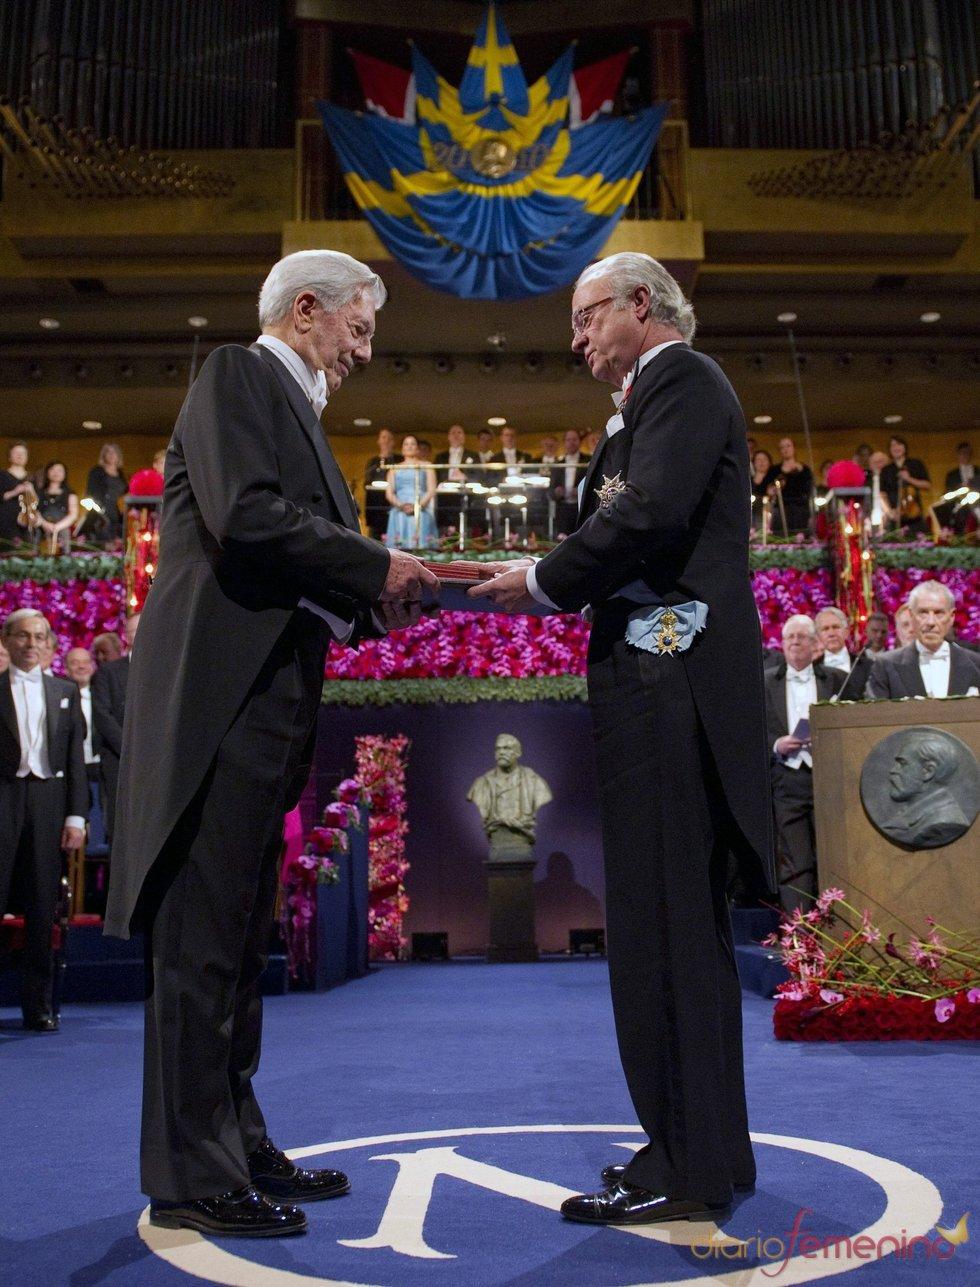 Mario Vargas Llosa recibe el Premio Nobel de Literatura 2010